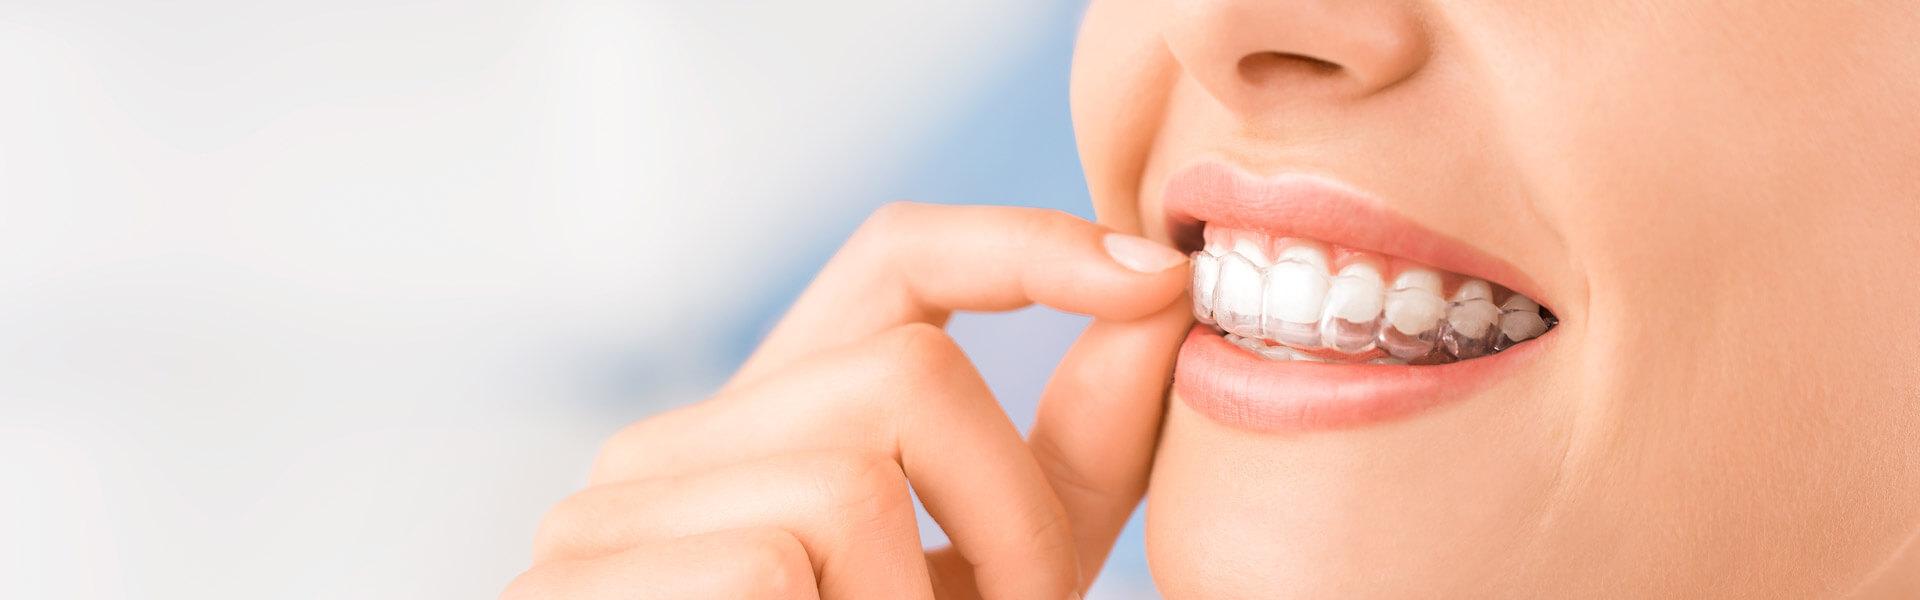 Dental Health & Teeth Grinding (Bruxism)